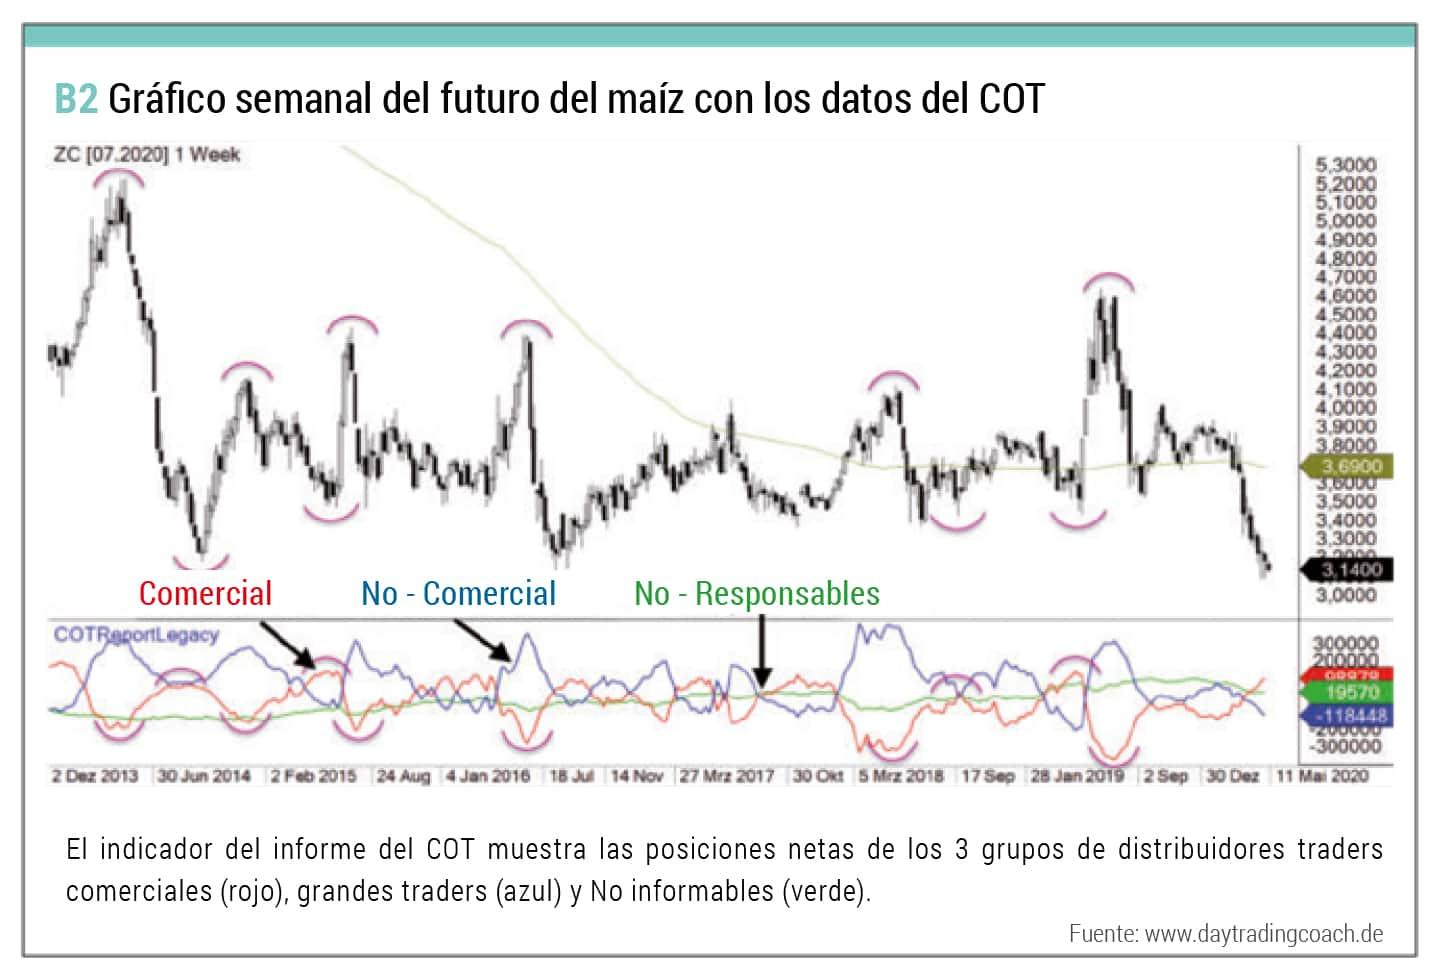 Grafico semanal futuro maiz